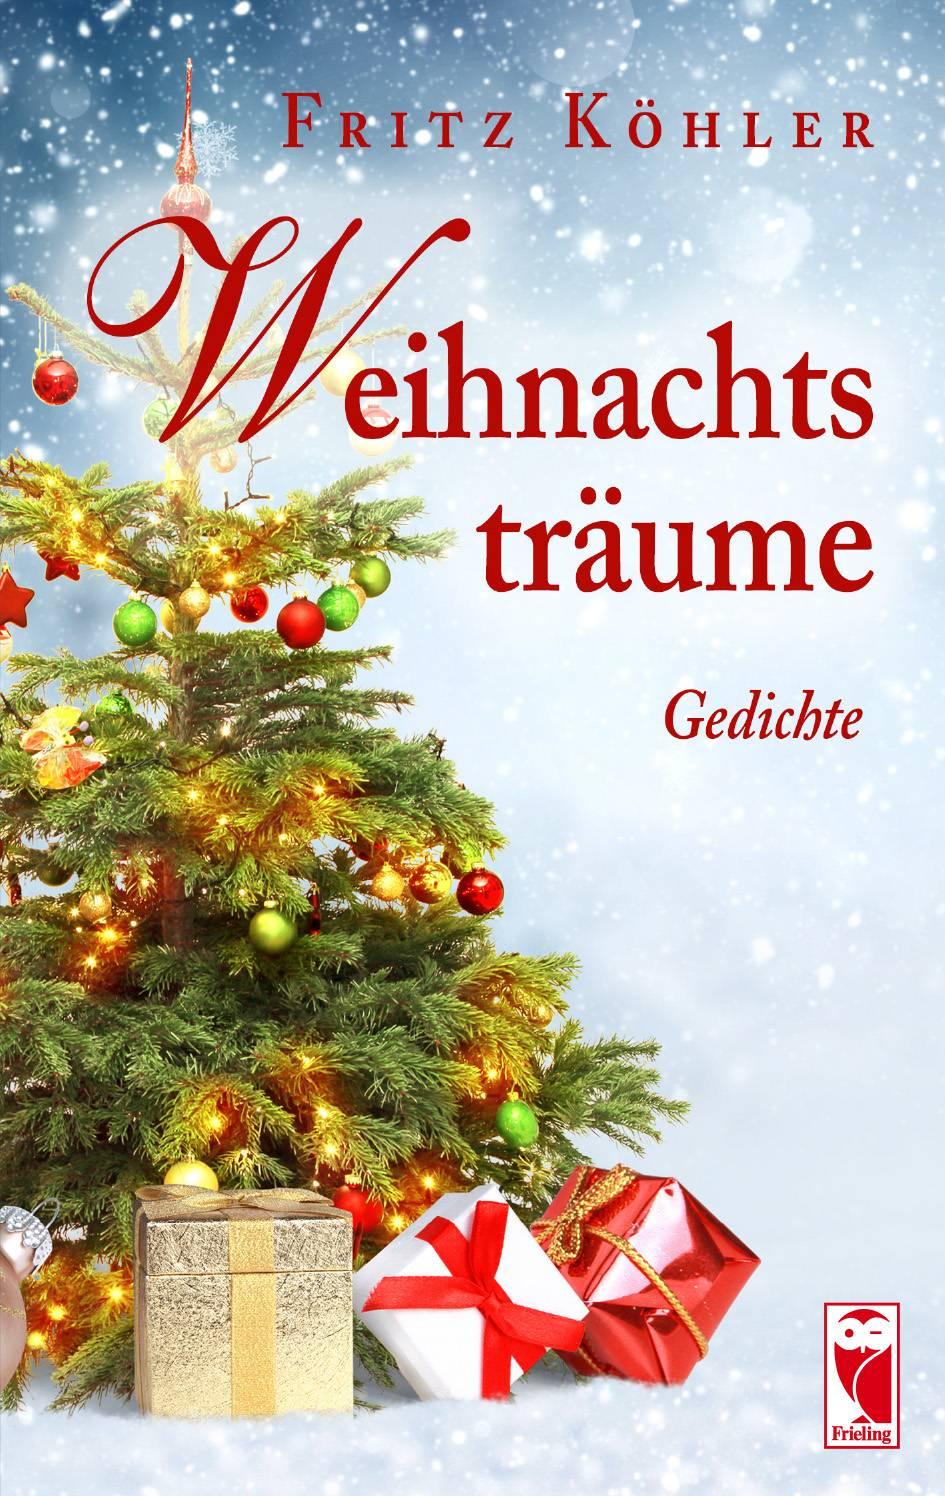 Unbekannte Weihnachtsgedichte.Fritz Köhler Frieling Verlag Berlin Buchautor